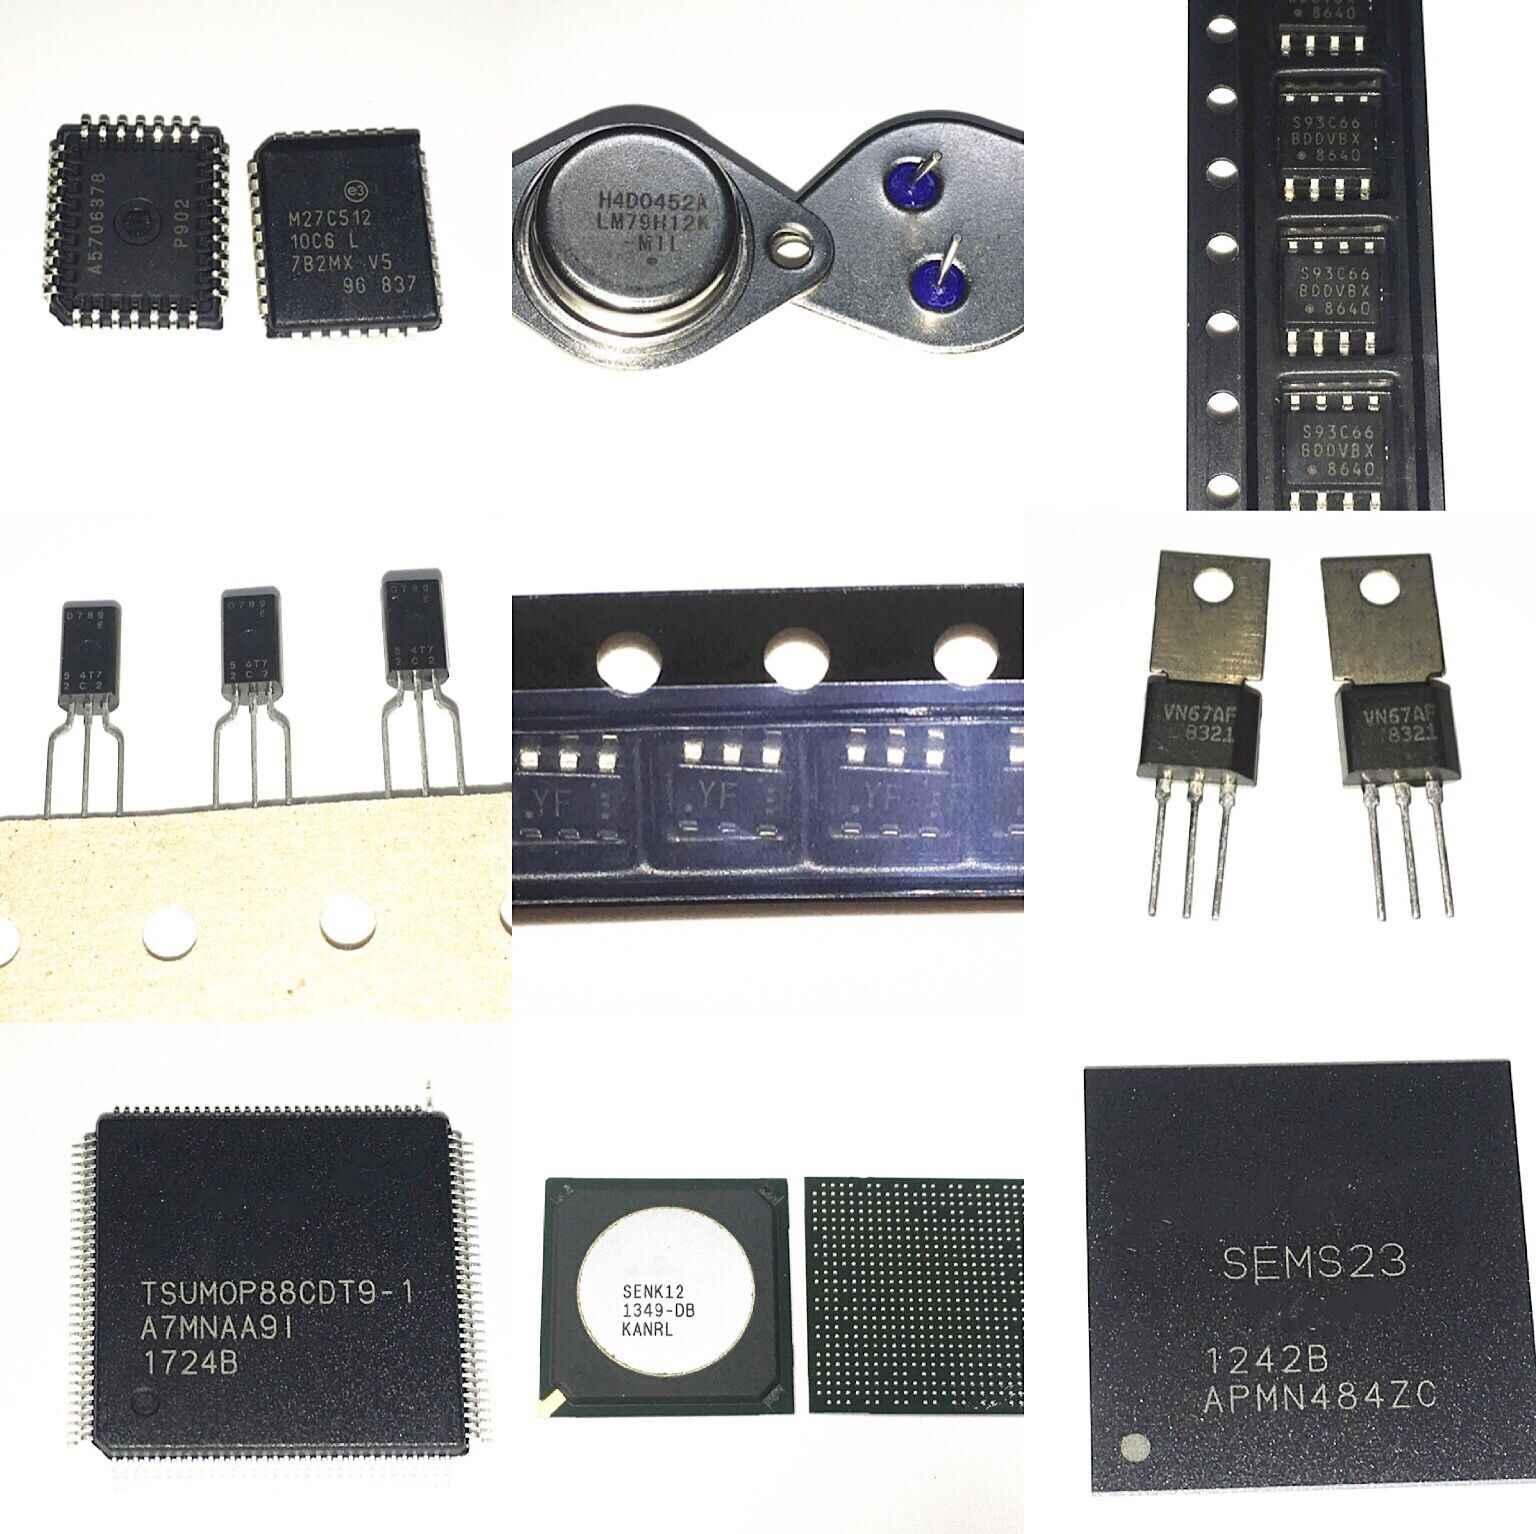 Hàng Mới Về Khuyến Mãi 100% Được Kiểm Tra Chất Lượng Tốt SR2Z9 J3455 BGA Chip